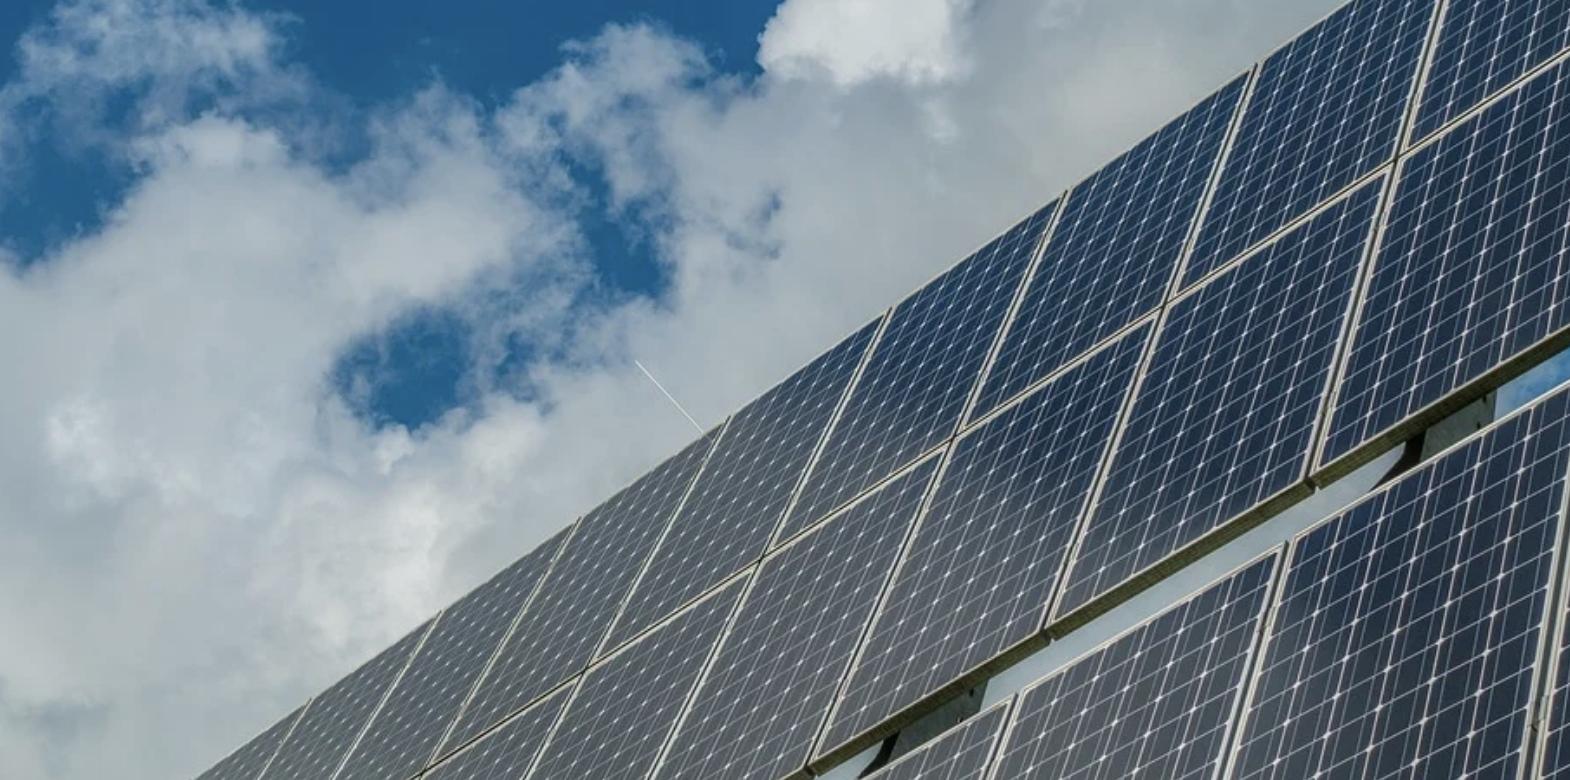 La Tunisie a inauguré sa première centrale photovoltaïque public-privé